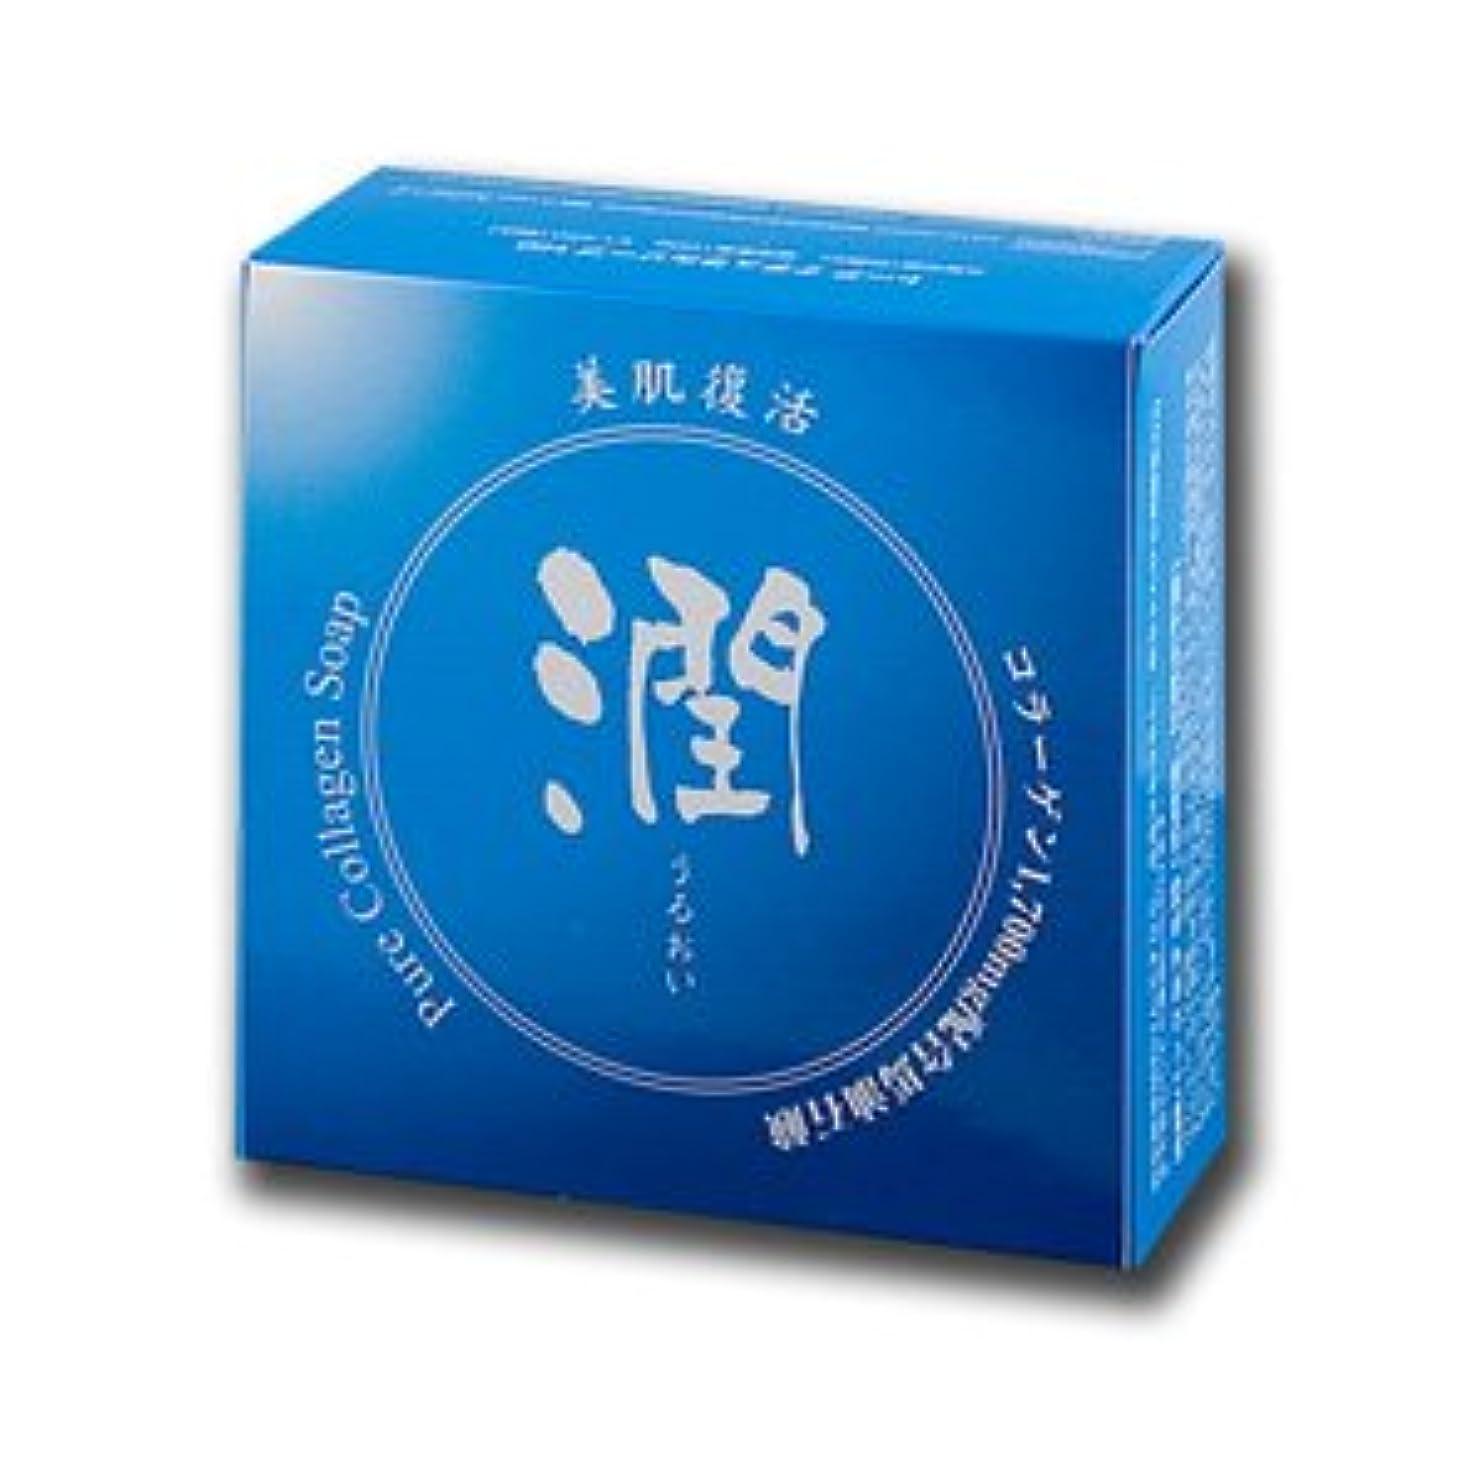 暗殺者目覚めるフェザーコラーゲン馬油石鹸 潤 100g (#800410) ×5個セット